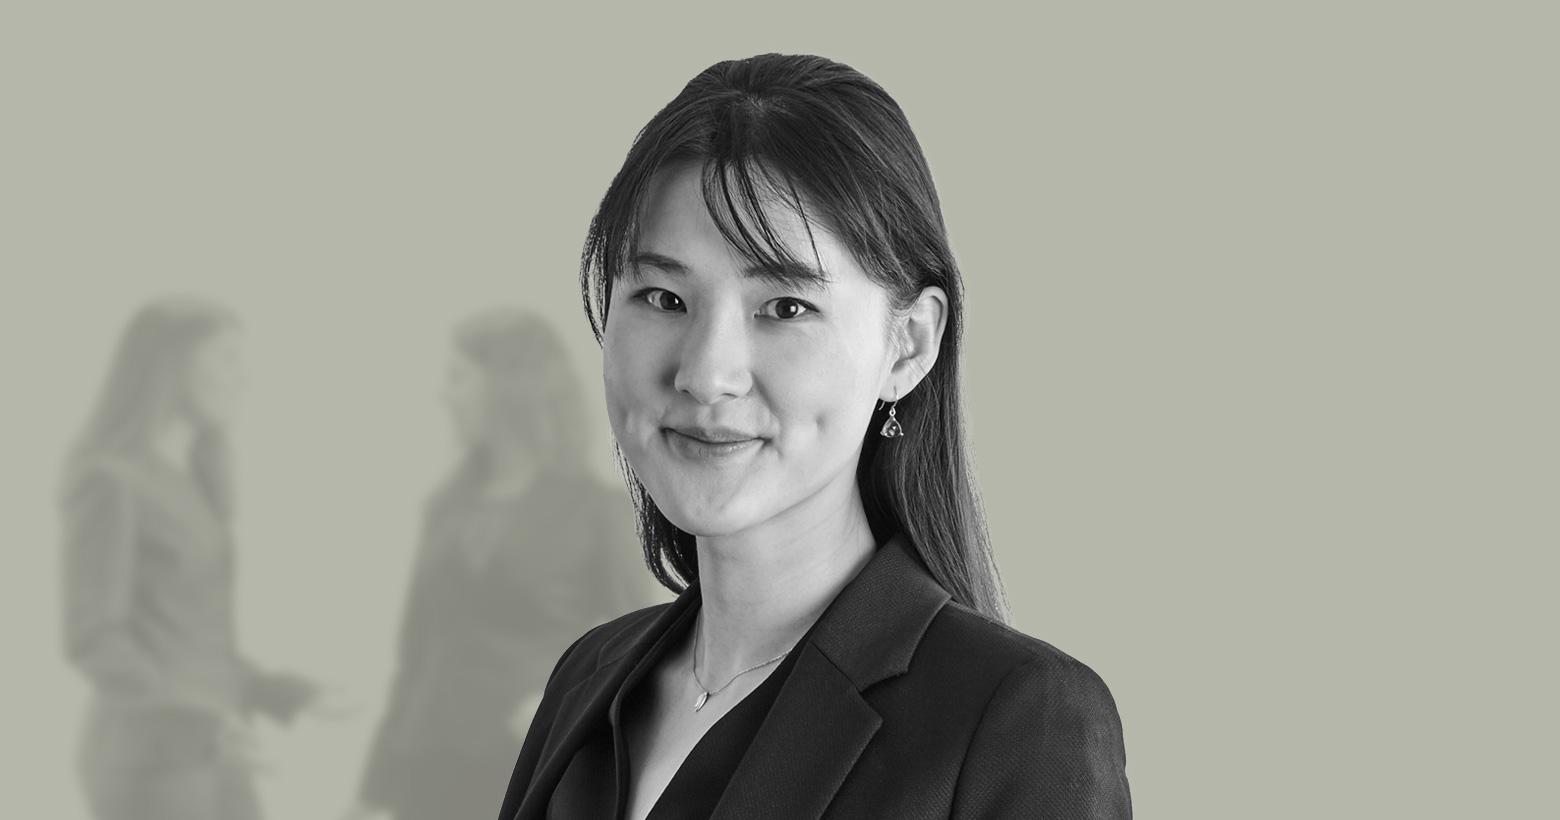 Jiaying Zhang